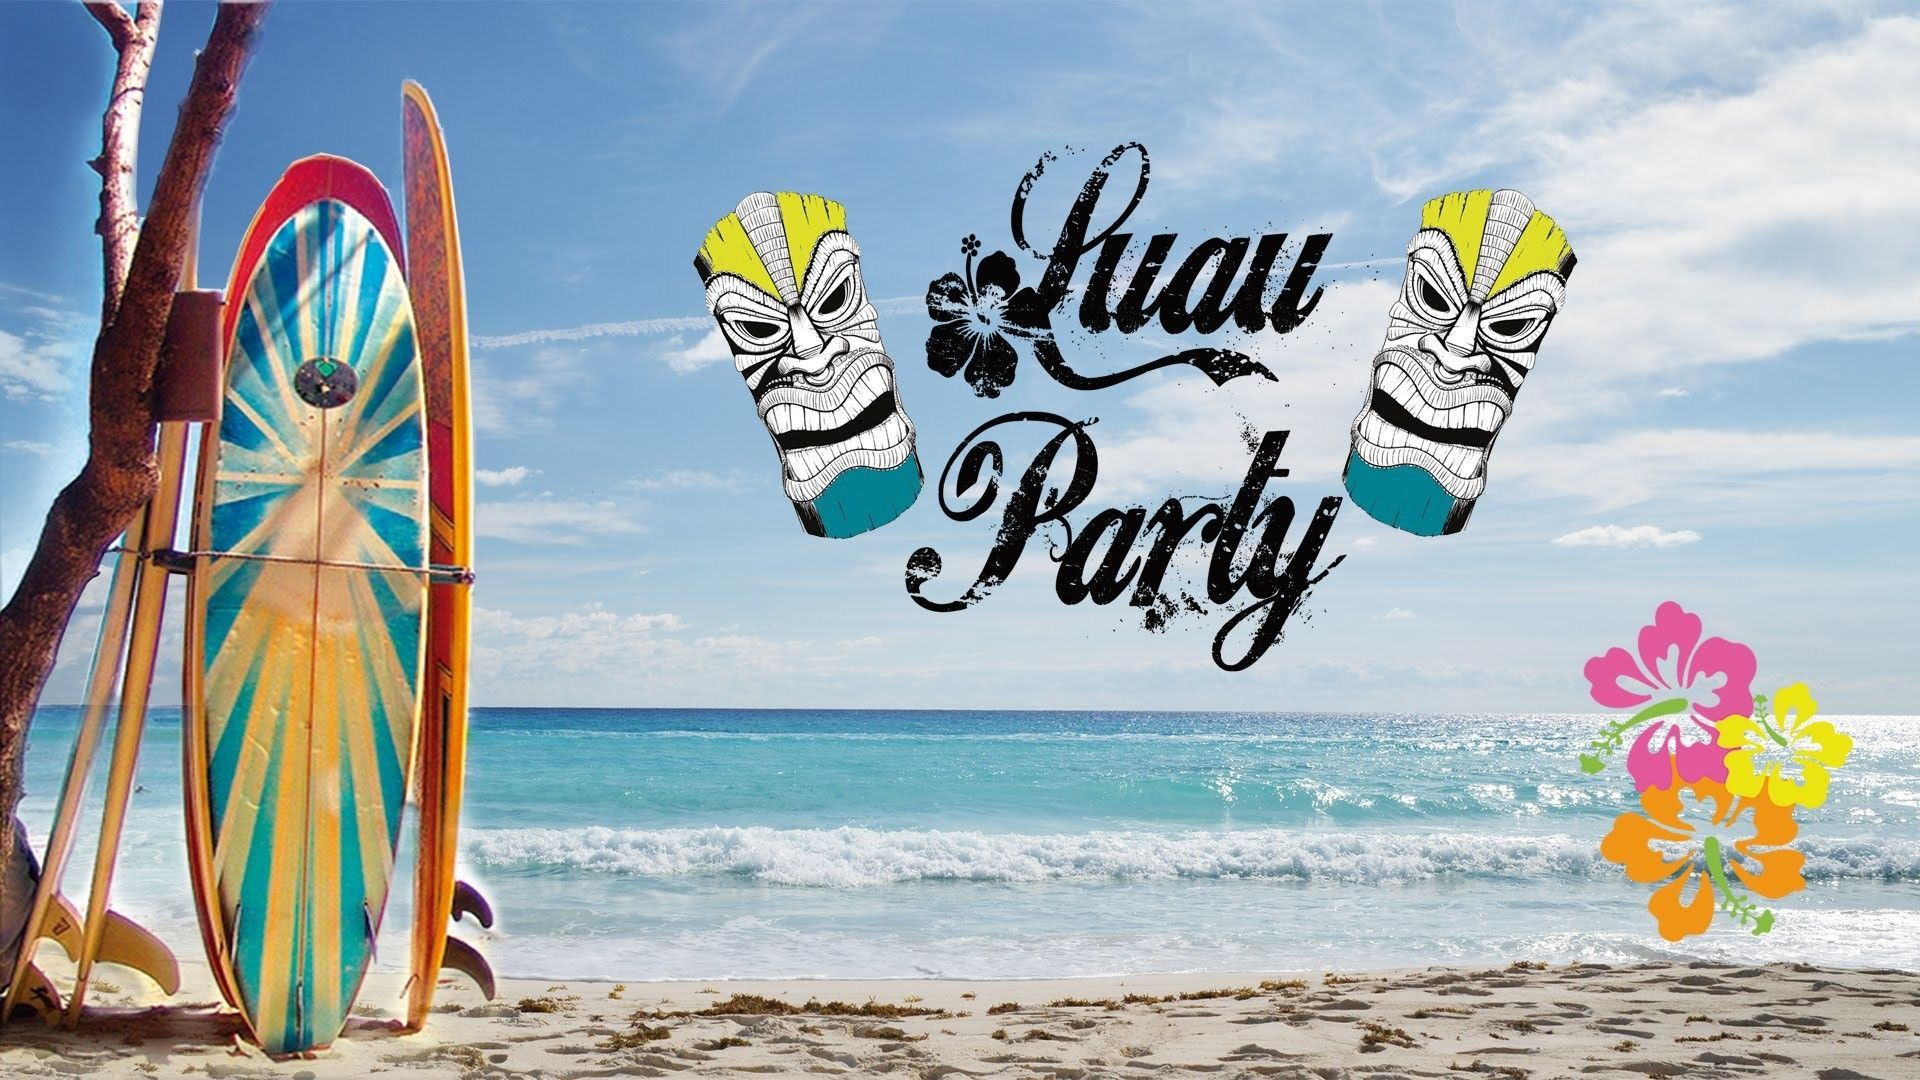 Aloha download nice wallpaper